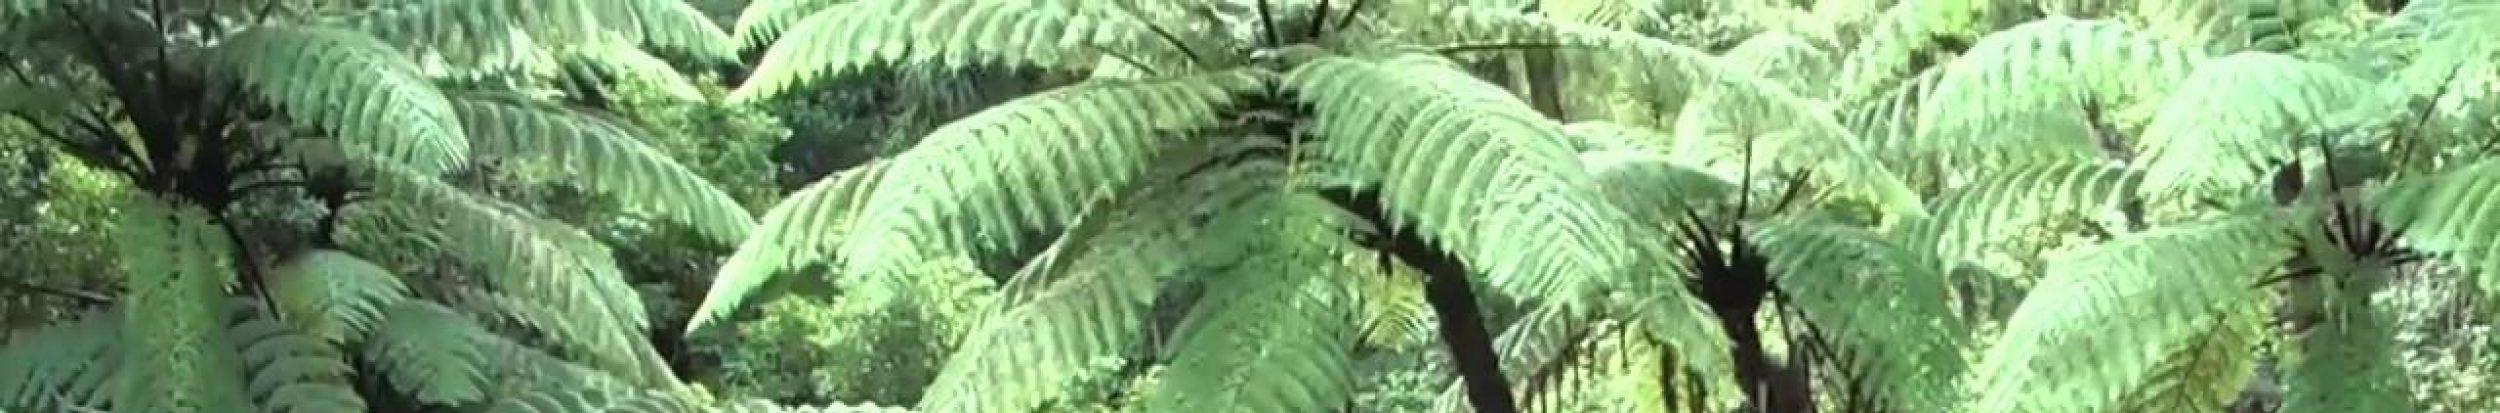 cropped-ferns.jpg